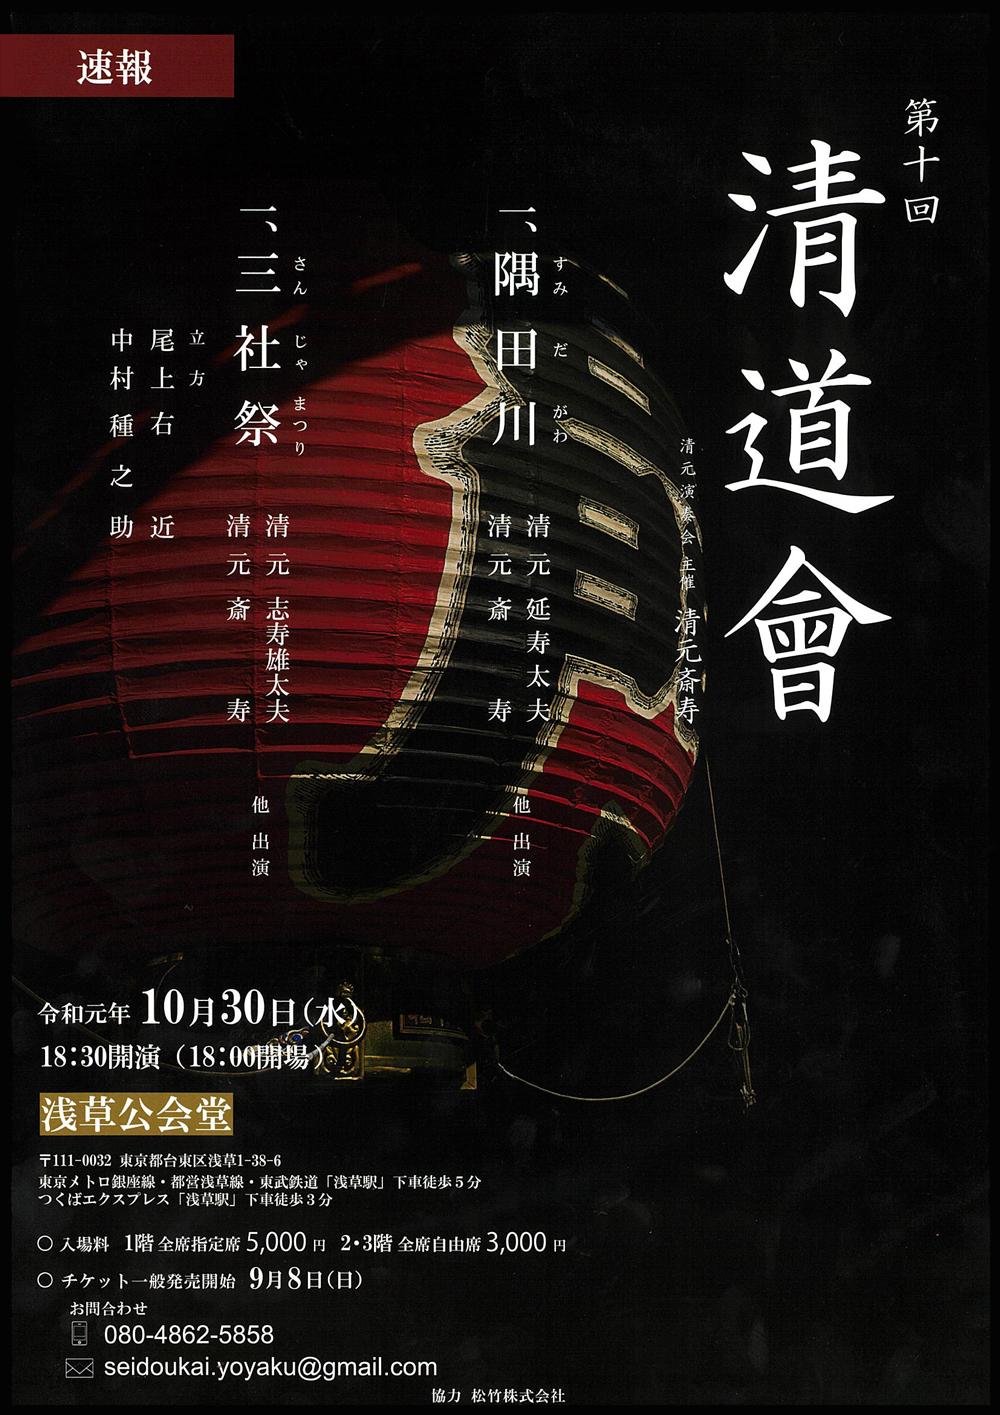 右近、種之助出演、清元斎寿自主公演「清道會」のお知らせ